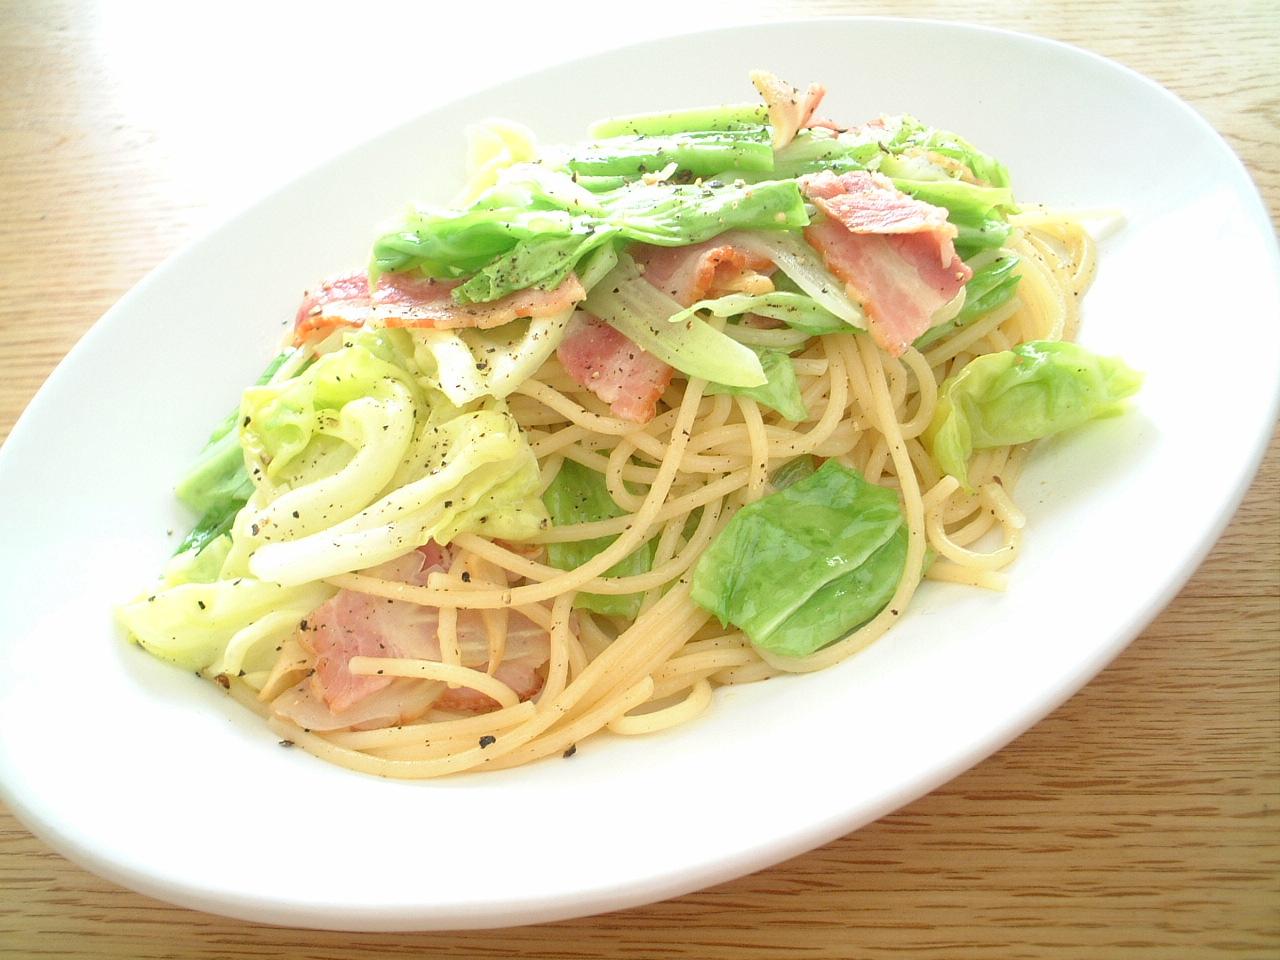 食感と甘みが味わえる♪キャベツを使ったパスタ料理レシピ☆のサムネイル画像